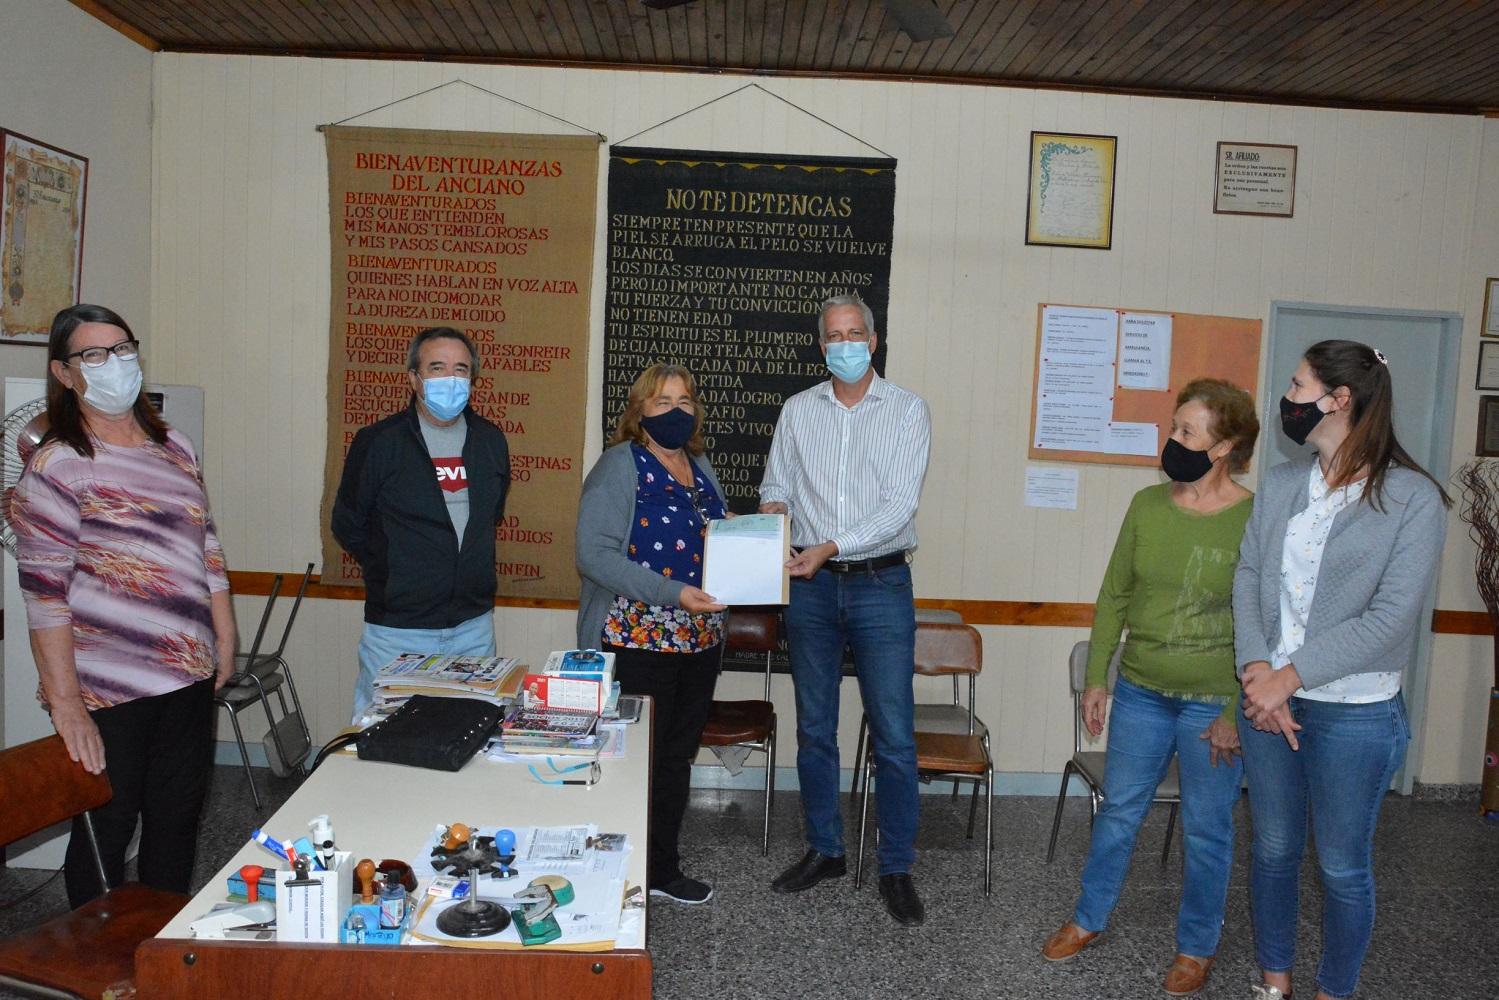 La comisión directiva del Centro de Jubilados y Pensionados recibió un aporte en agradecimiento por haber cedido sus instalaciones en el inicio de la emergencia sanitaria